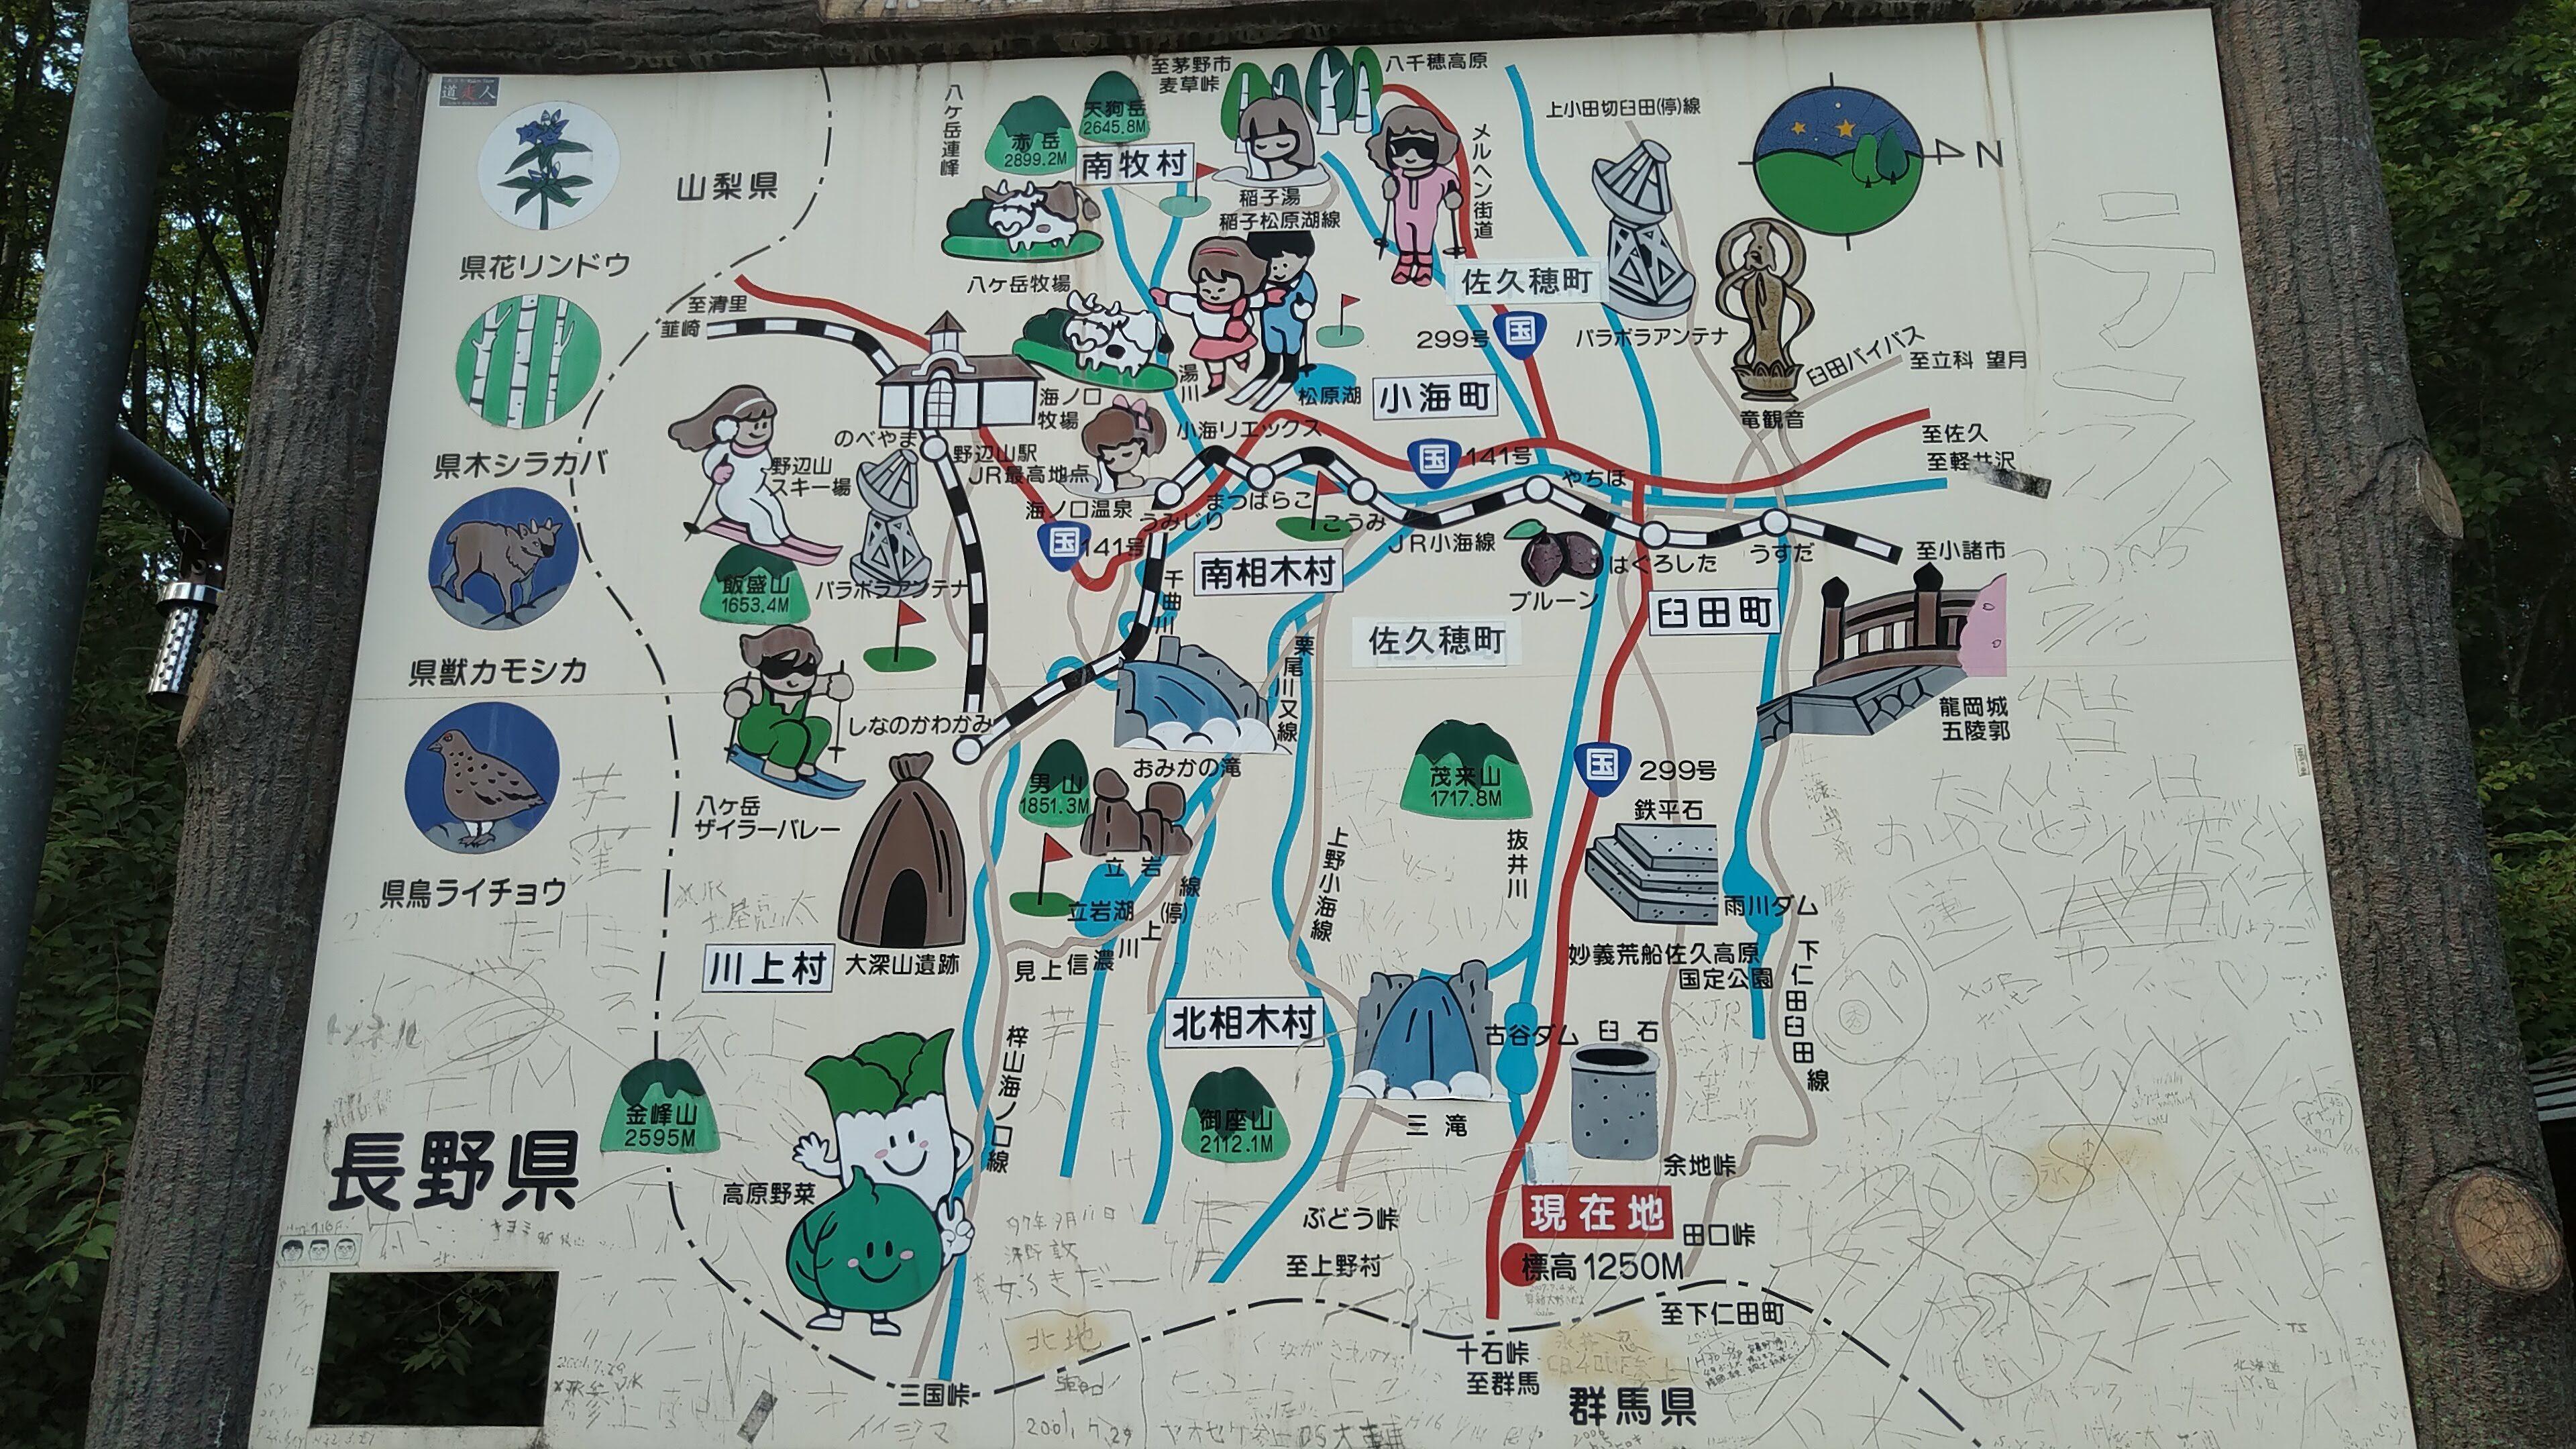 十石峠絵地図絵地図